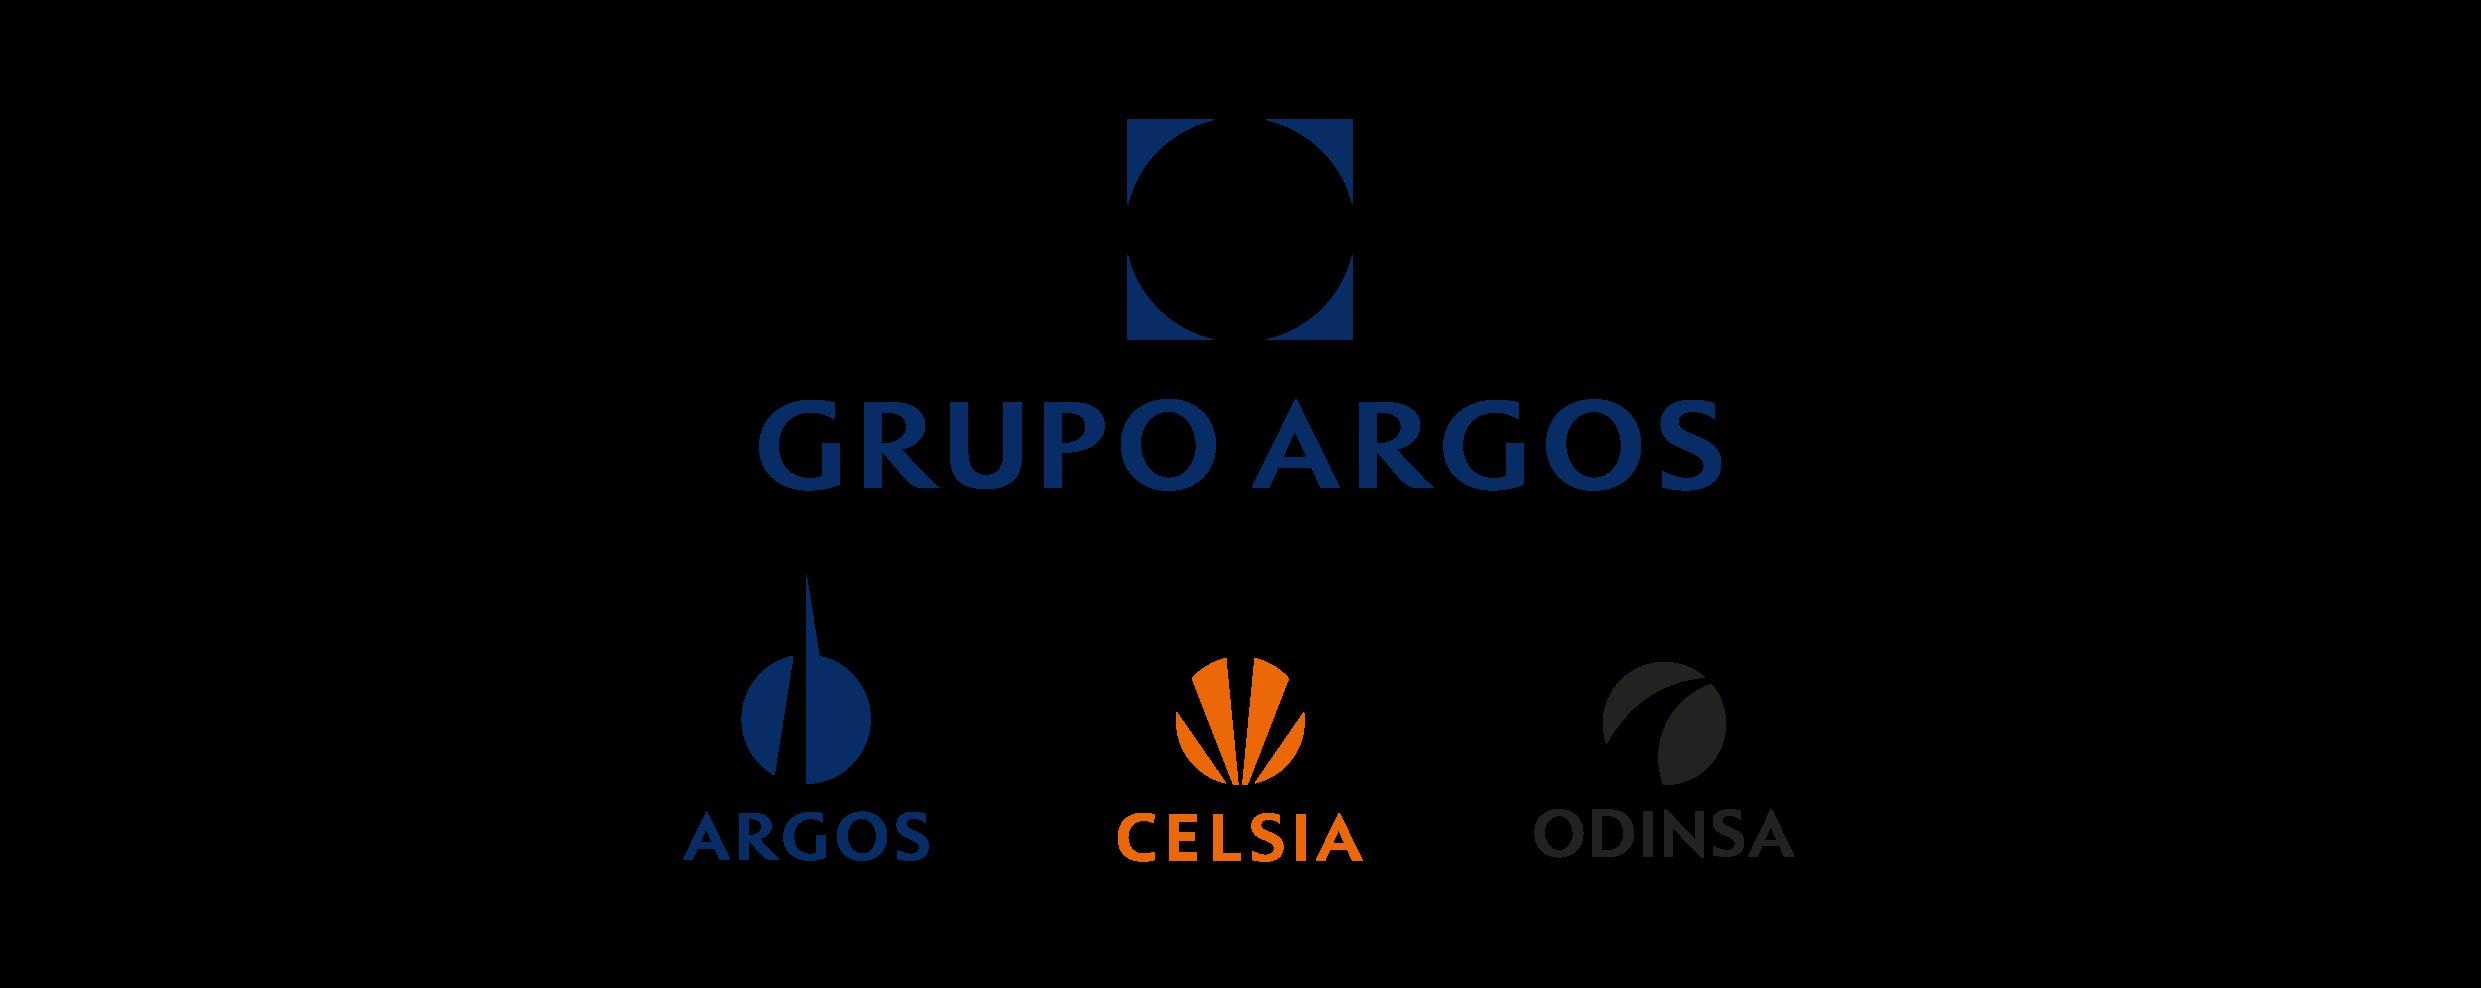 Grupo Argos y filiales